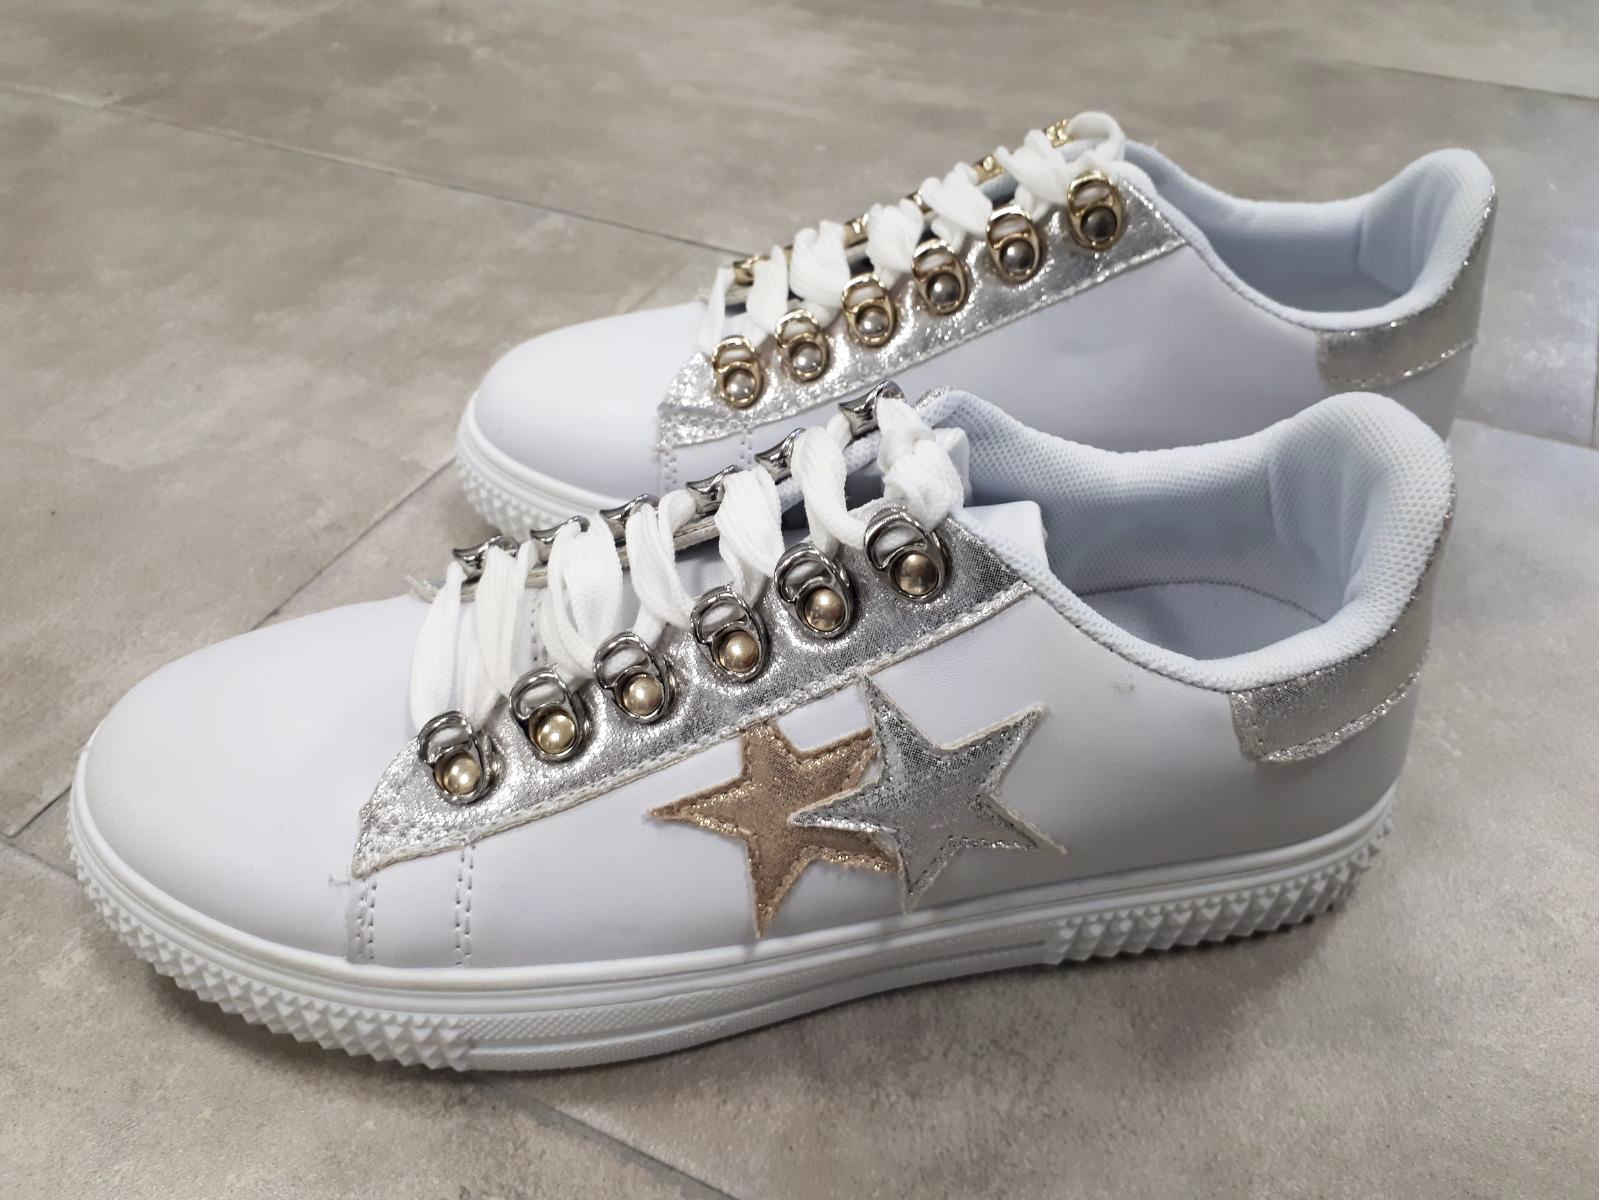 Nuovi ganci e passalacci per sneakers e calzature outdoor GAMAR ITALIA